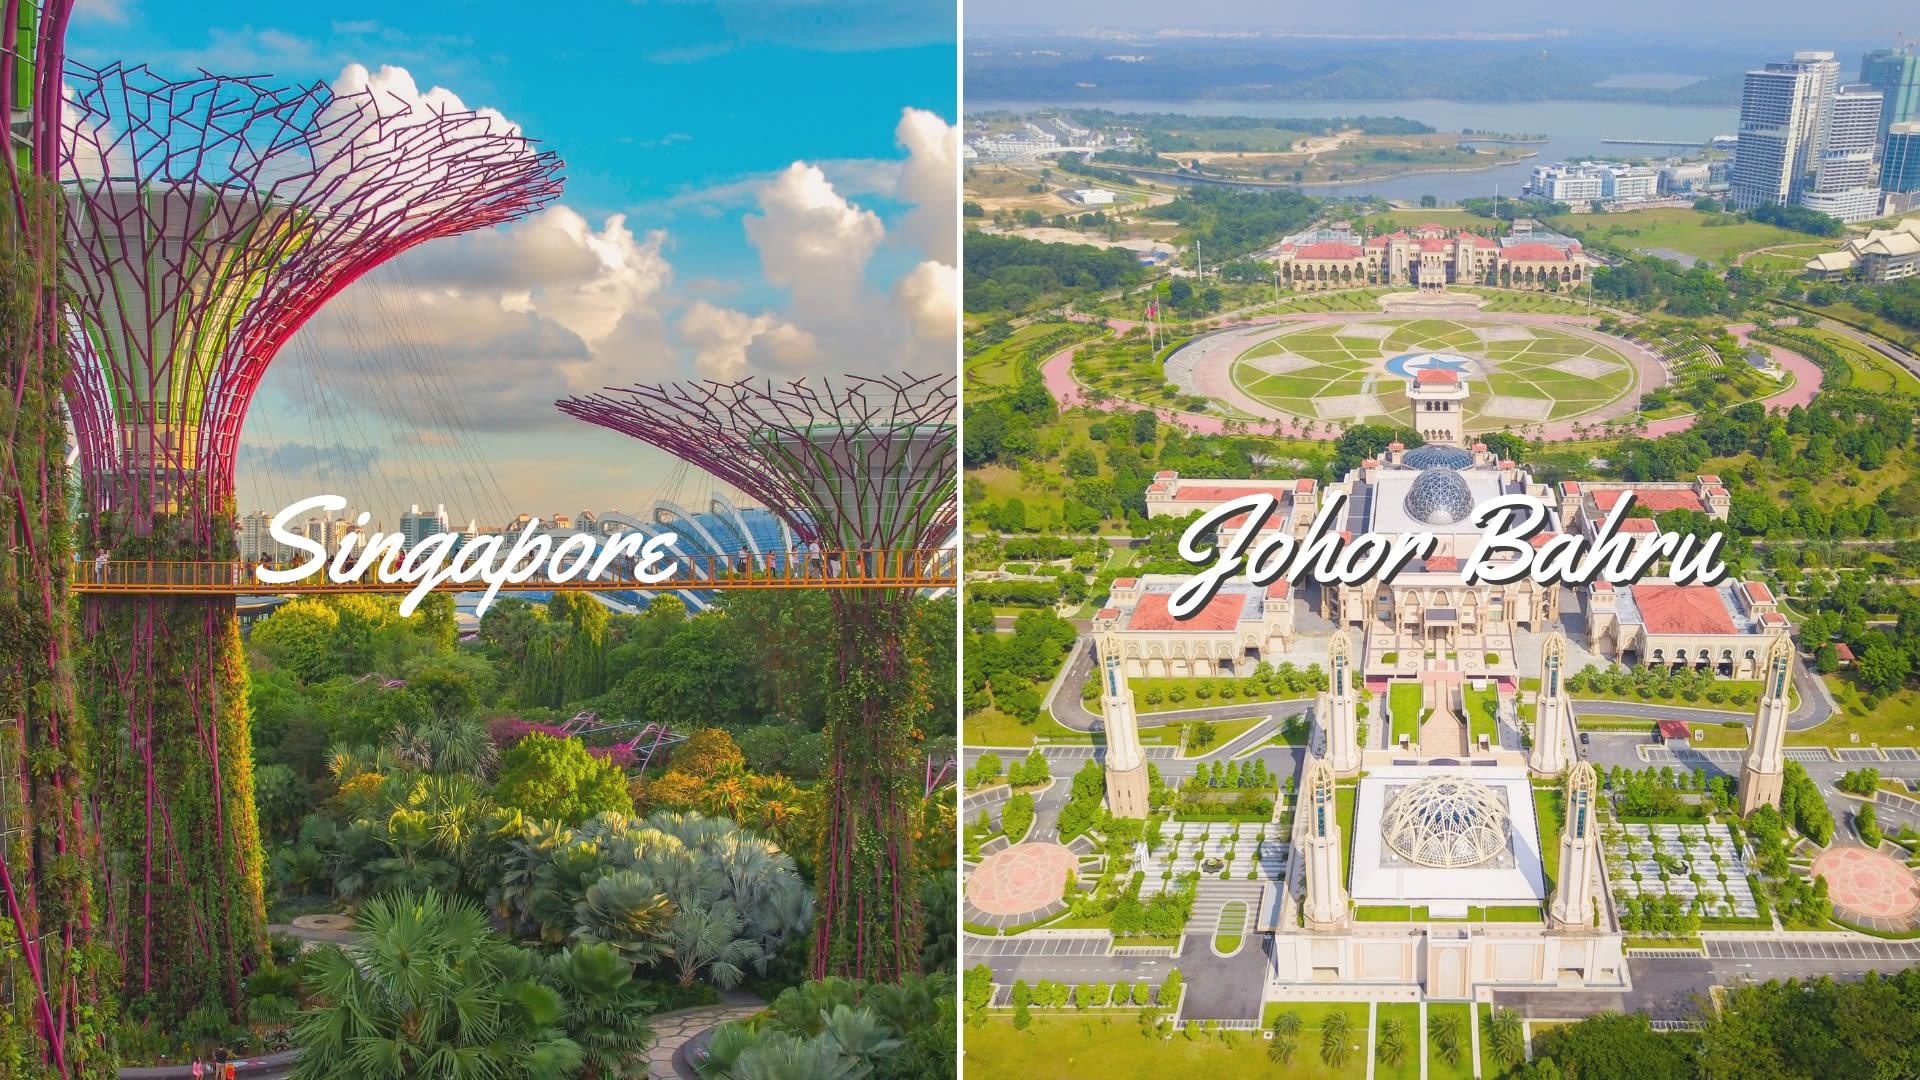 singapore johor bahru